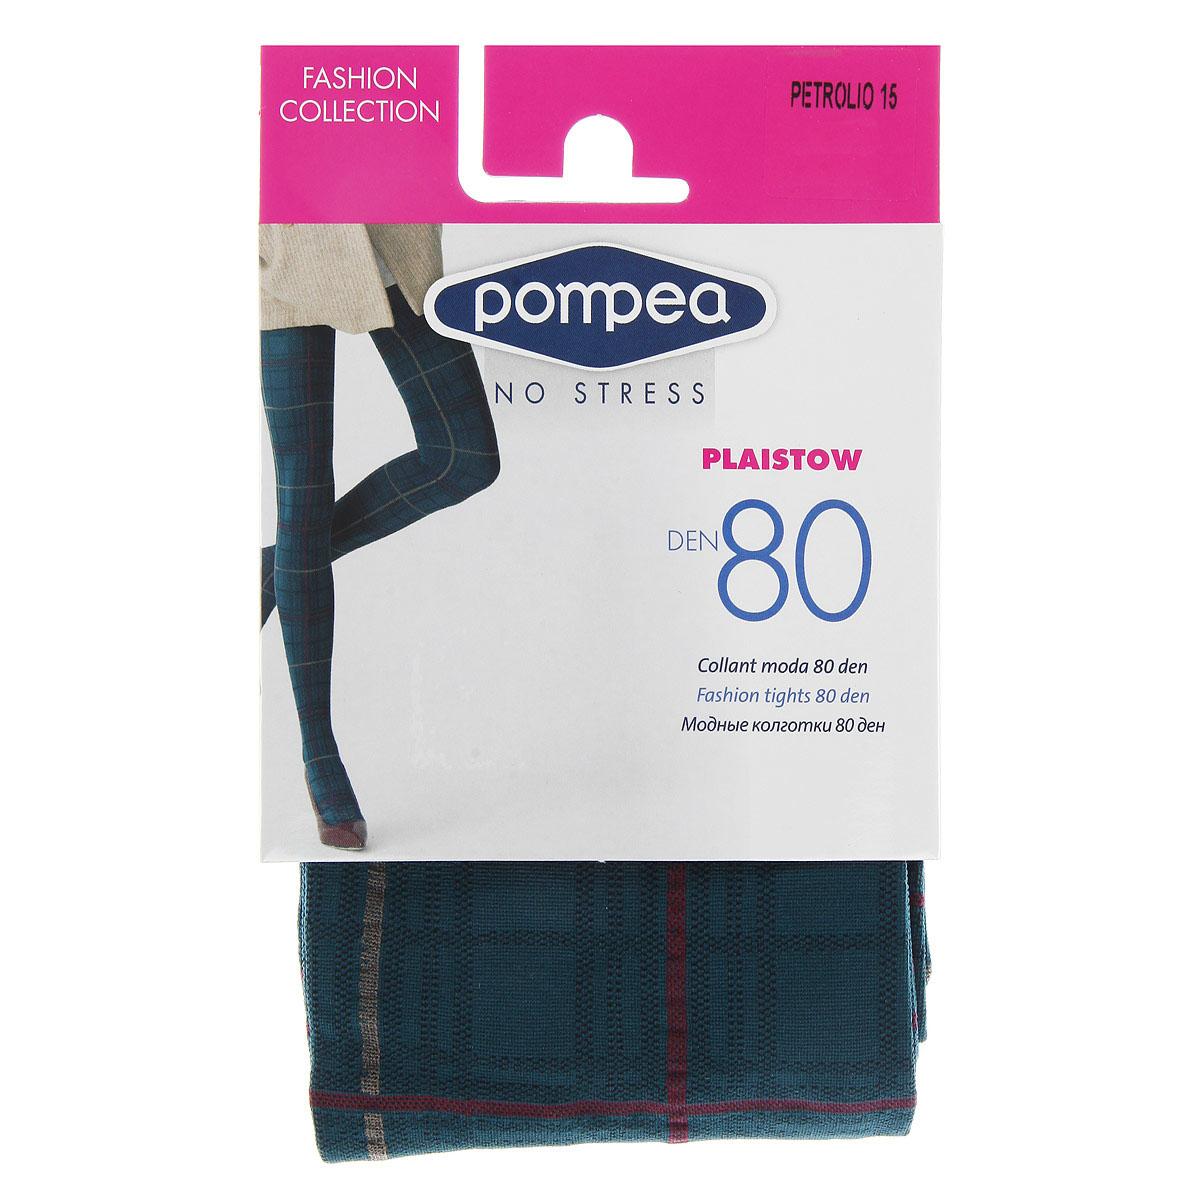 Колготки женские Pompea Plaistow Fashion 80. 9076898290768982 Petrolio 15Модные женские фантазийные колготки плотностью 80 Ден, без трусиков.